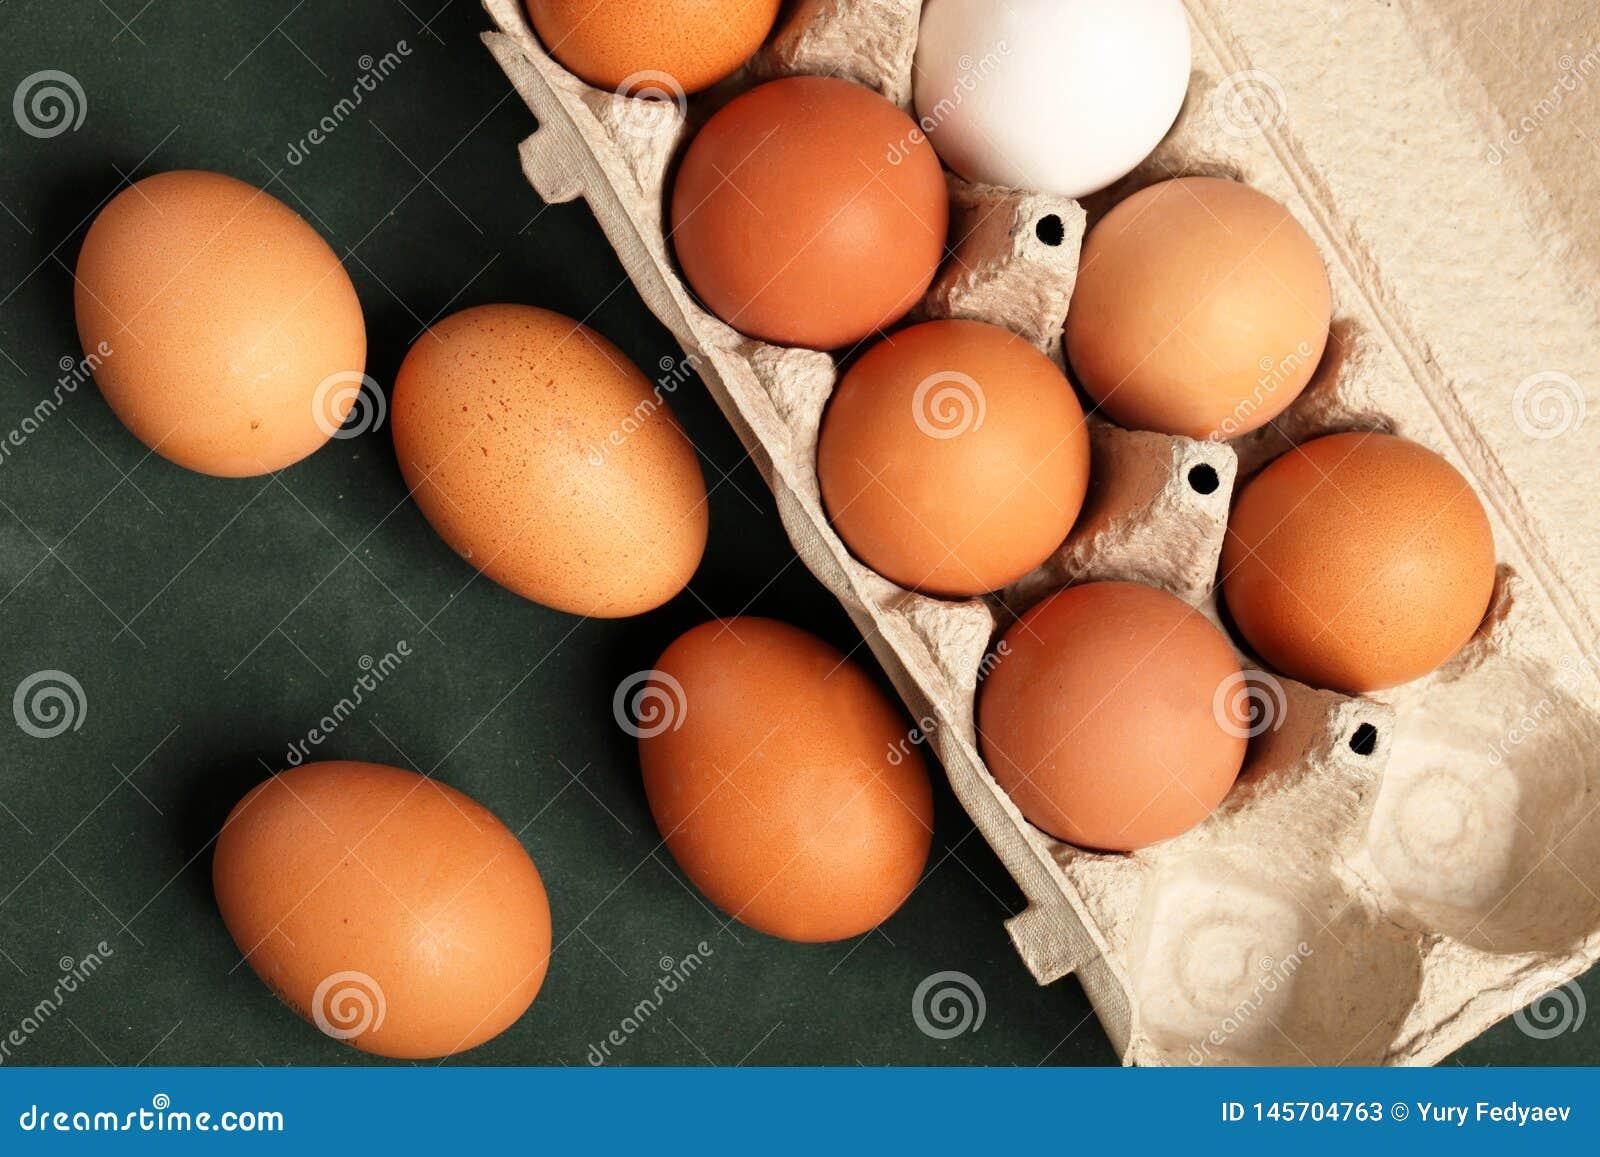 Gro?aufnahme von rohen H?hnereien im grauen Kasten, Eiwei?, braunes Ei auf gr?nem Hintergrund